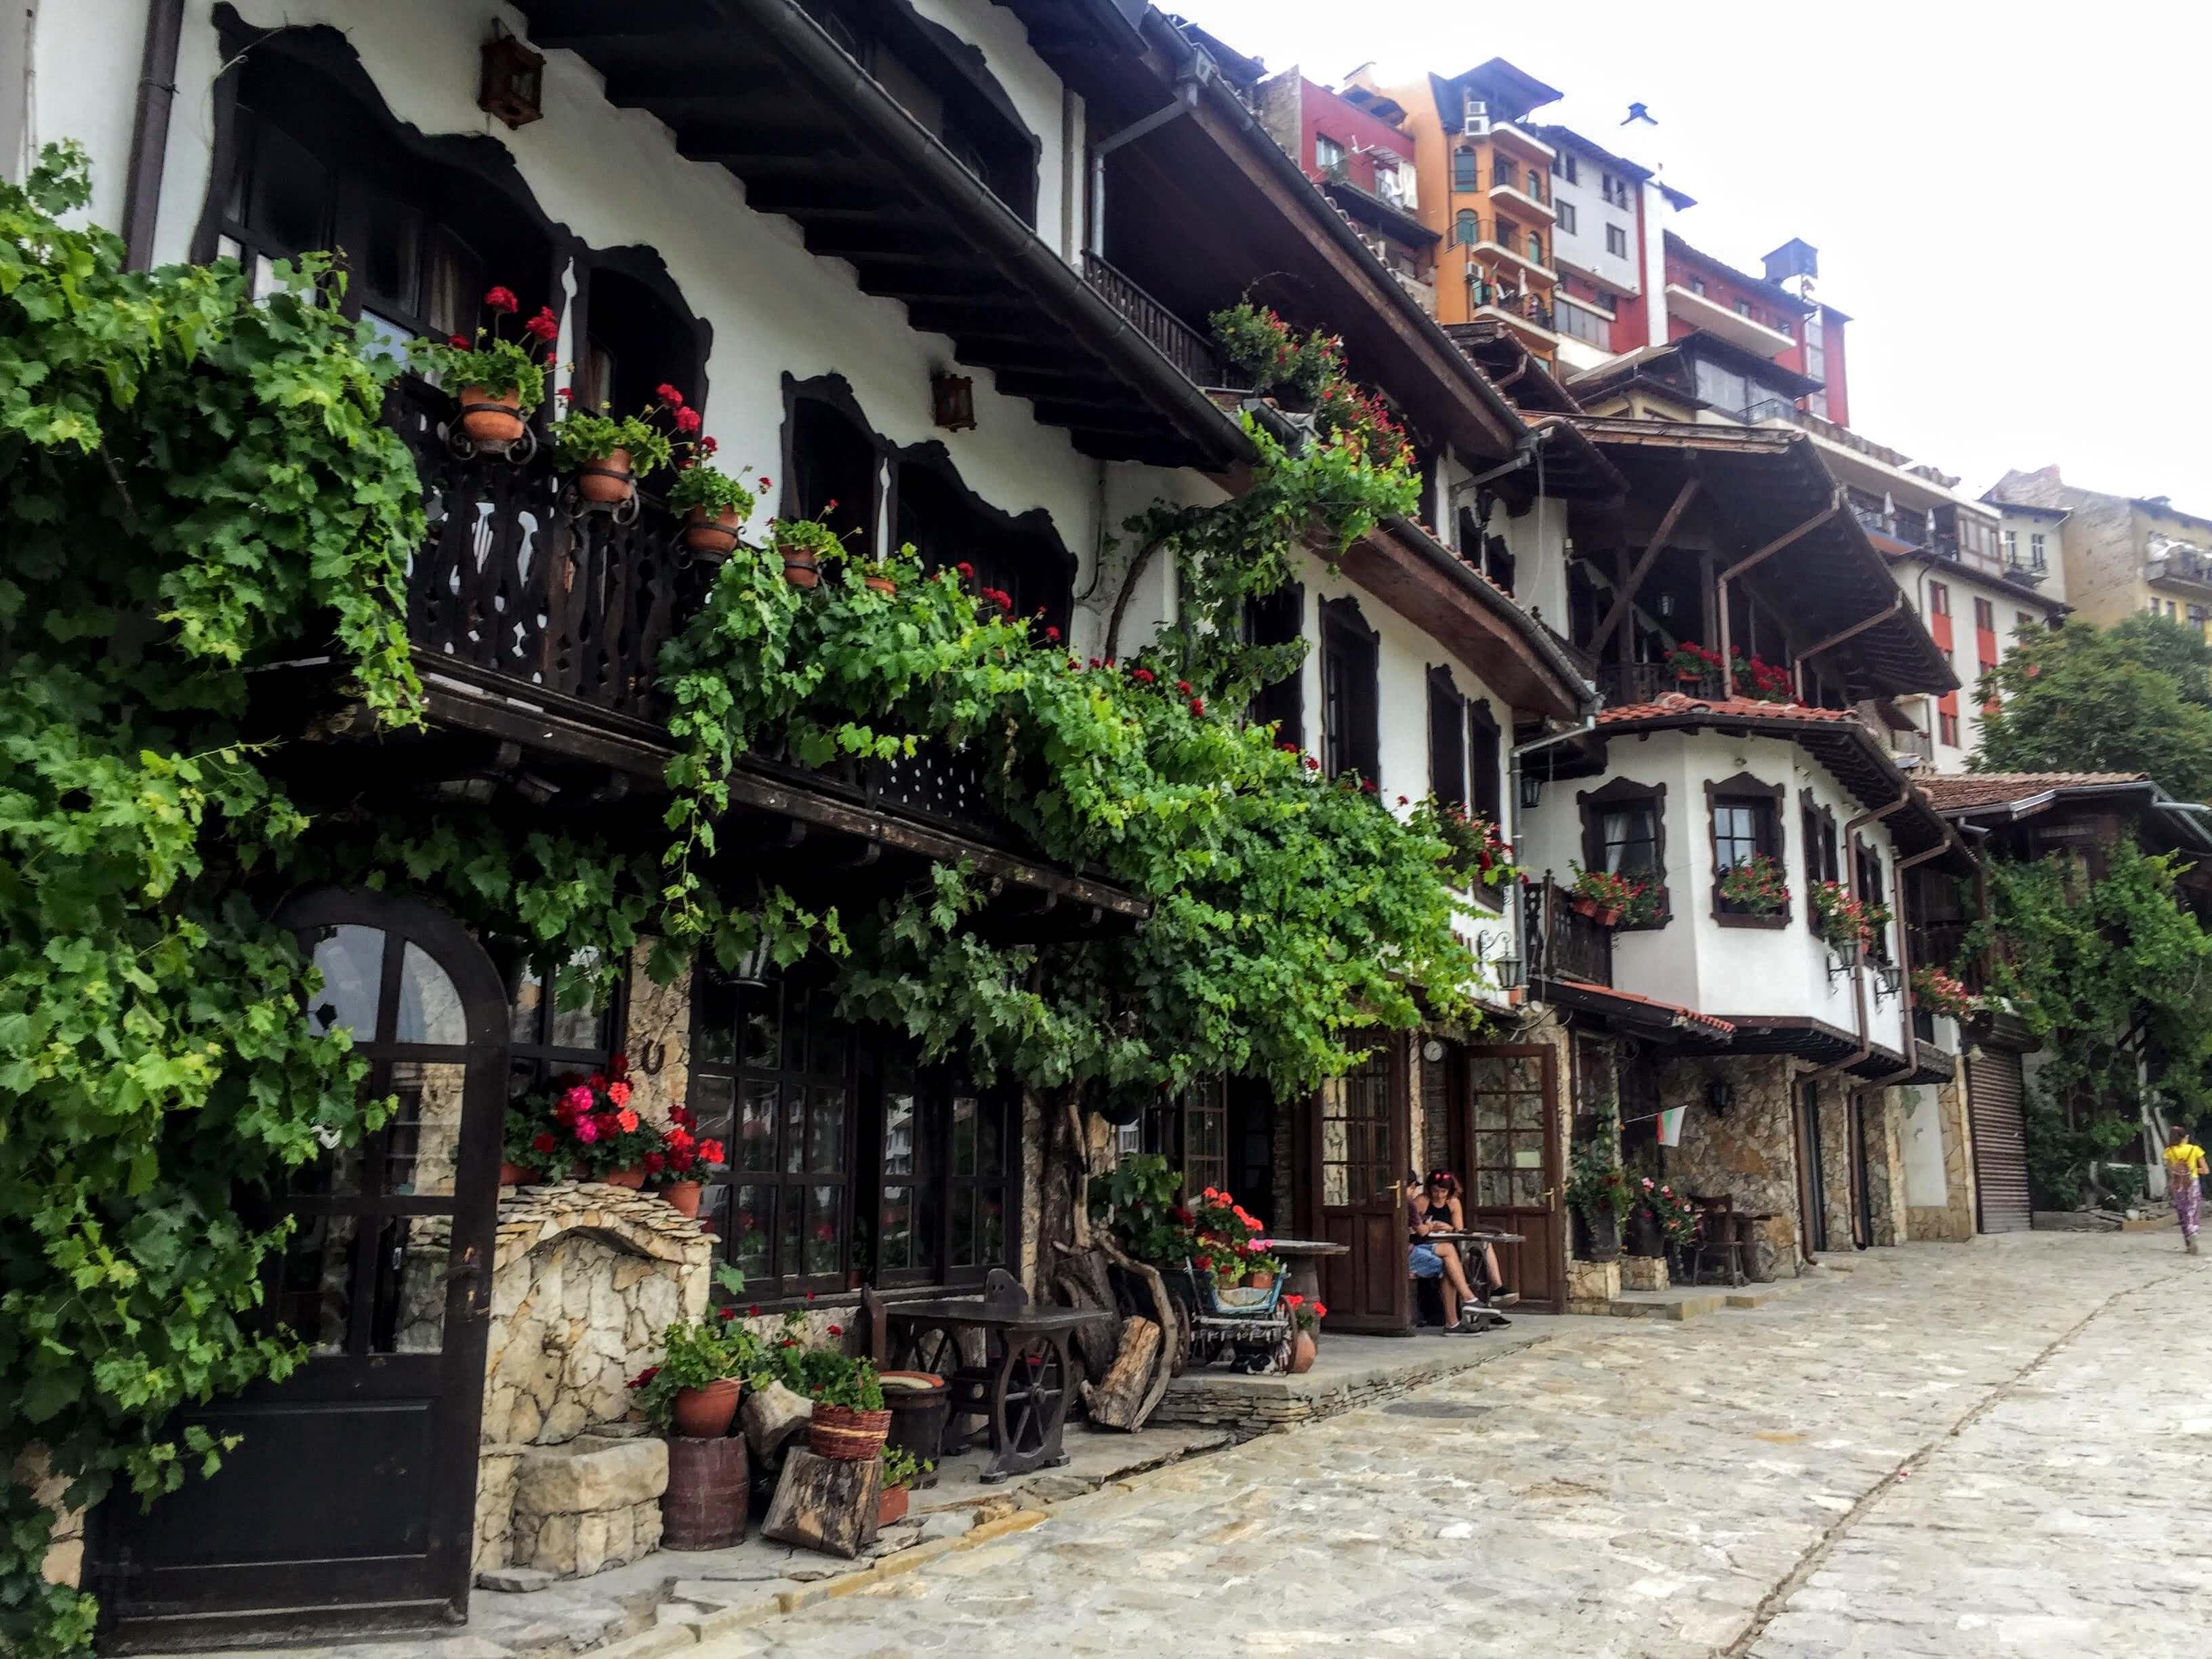 Gurko Street in Veliko Tarnovo